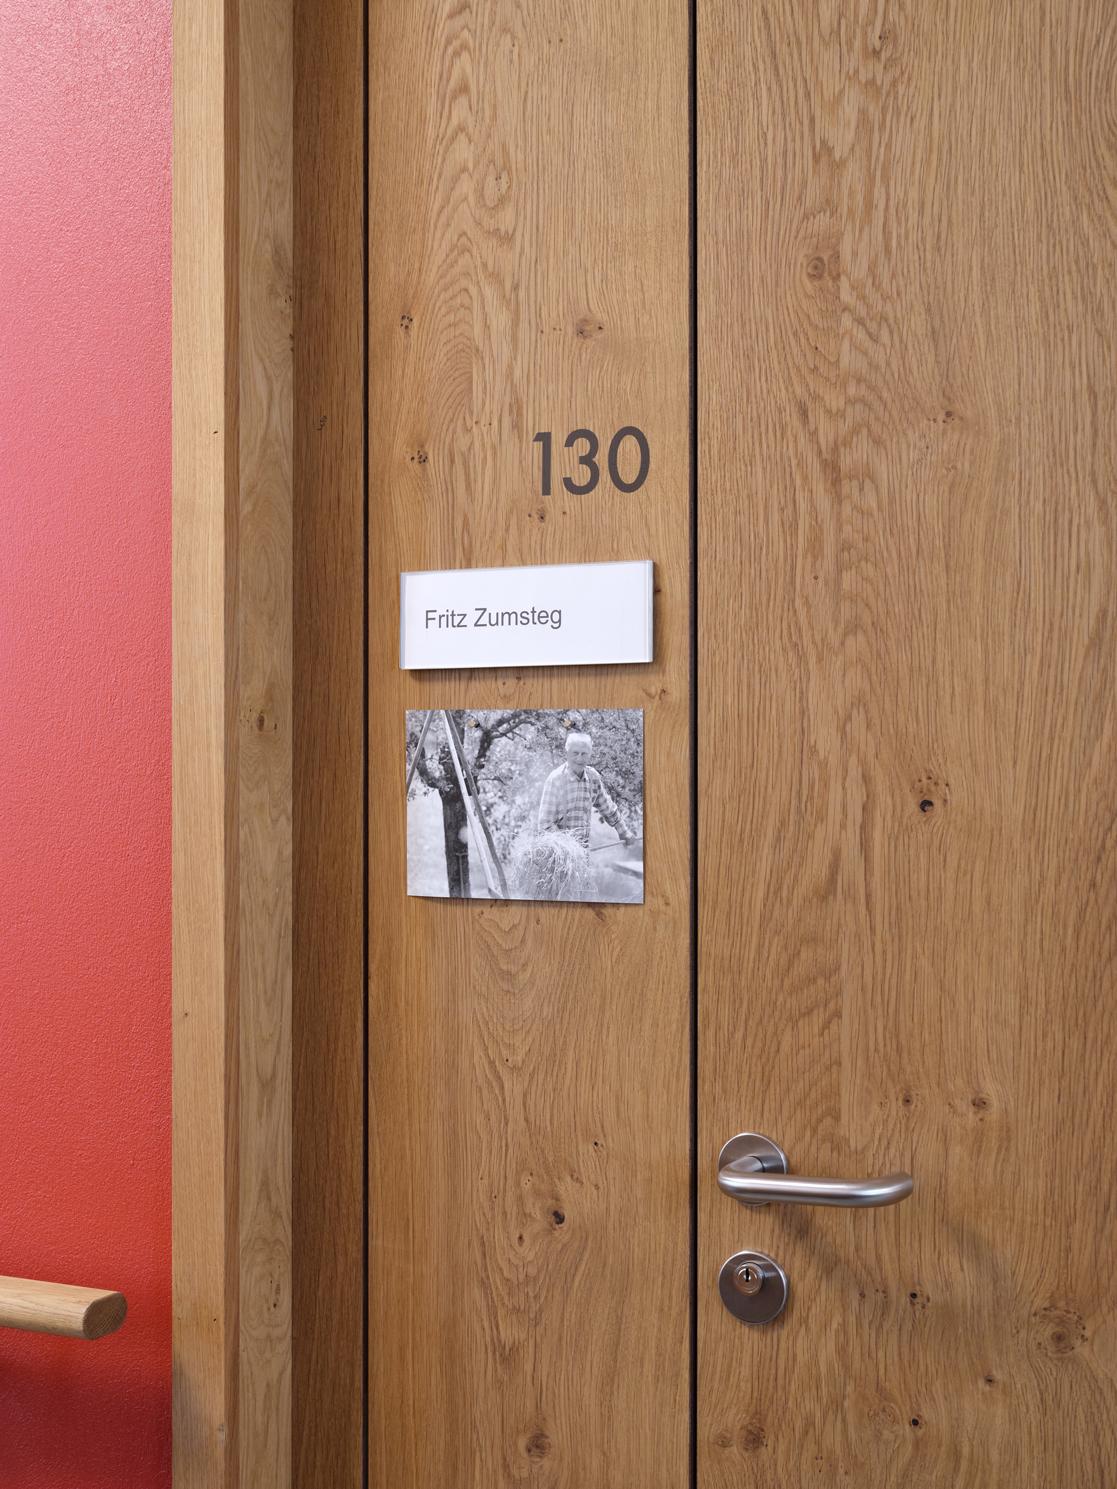 Signaletik Bewohnerzimmer Altersheim Kühlewil, optional ergänzbar mit einem Bild, Entworfen durch Nulleins Bern